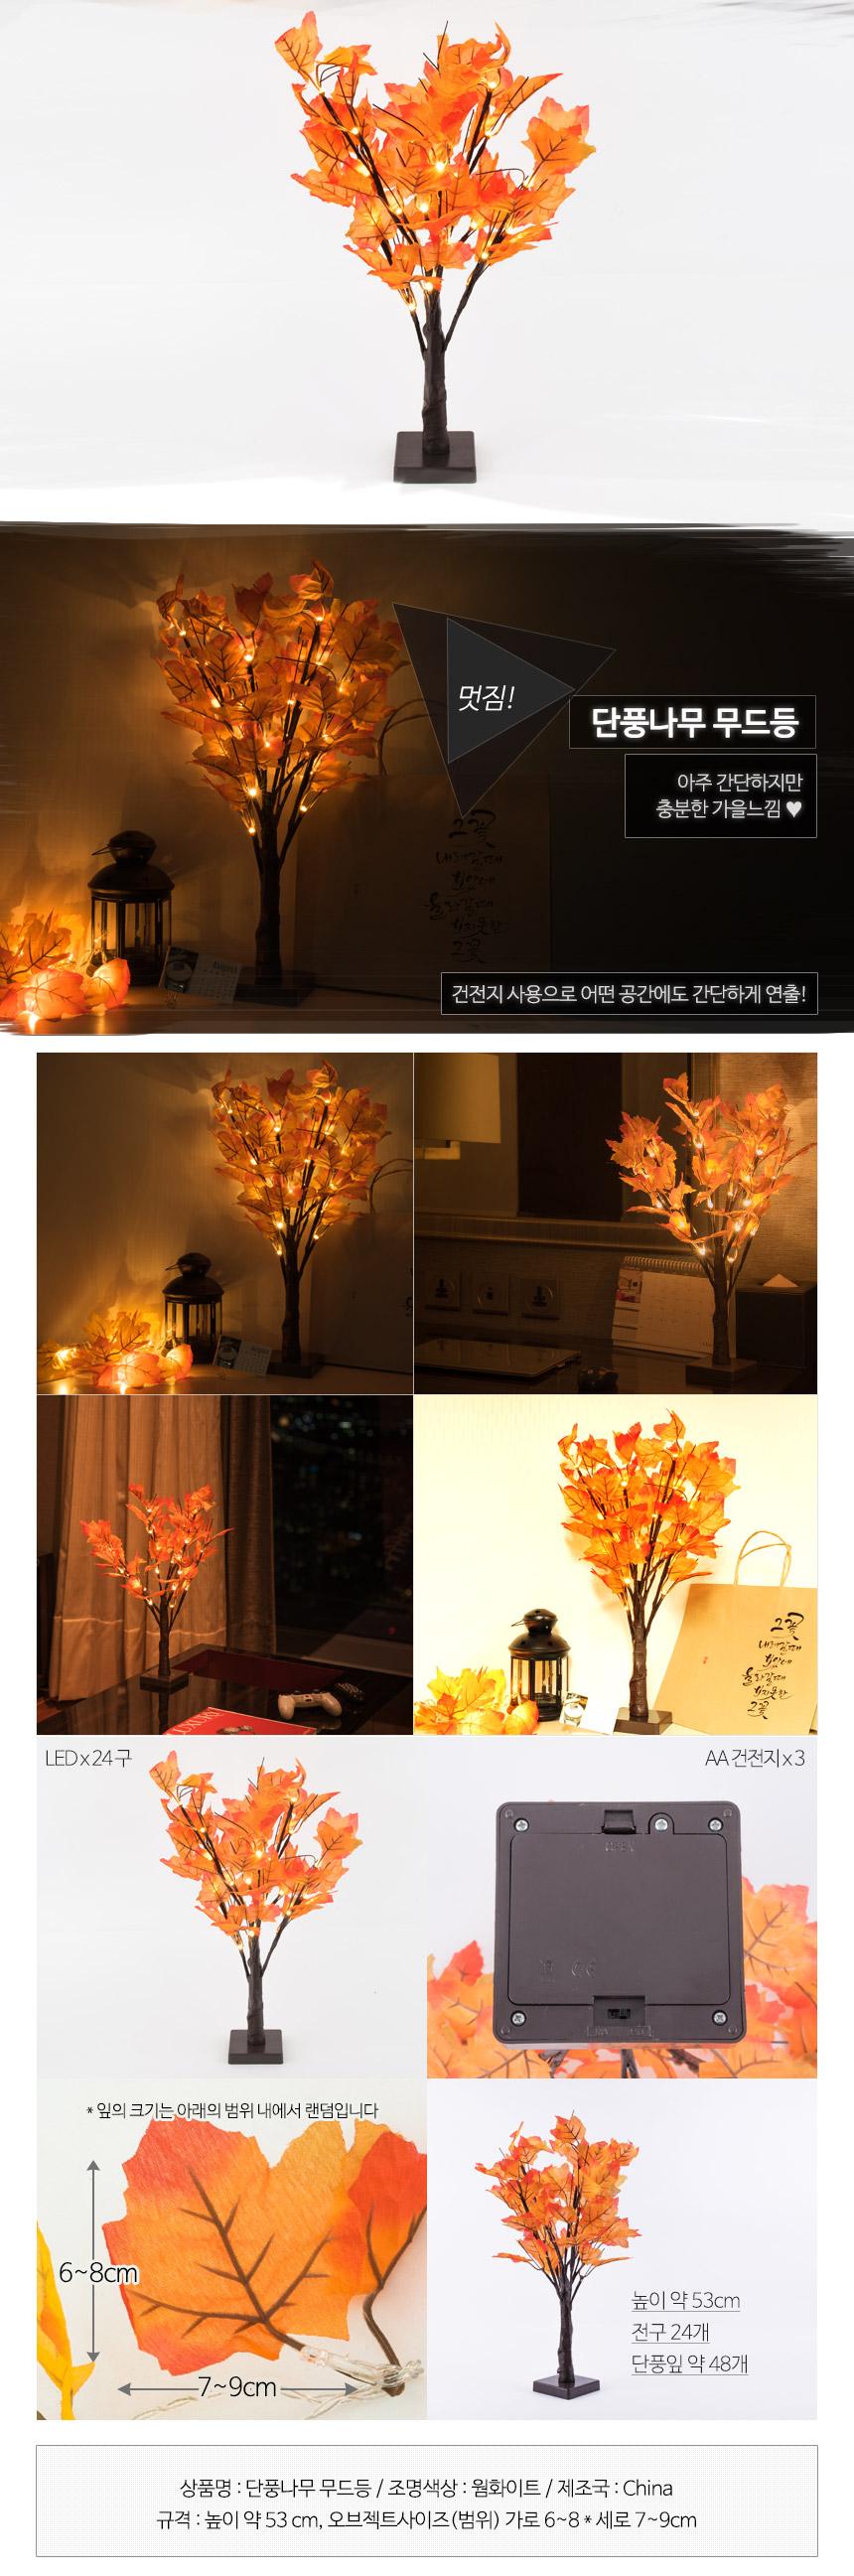 어반 LED 단풍나무 무드등 - 어반LED, 25,000원, 리빙조명, 벽조명